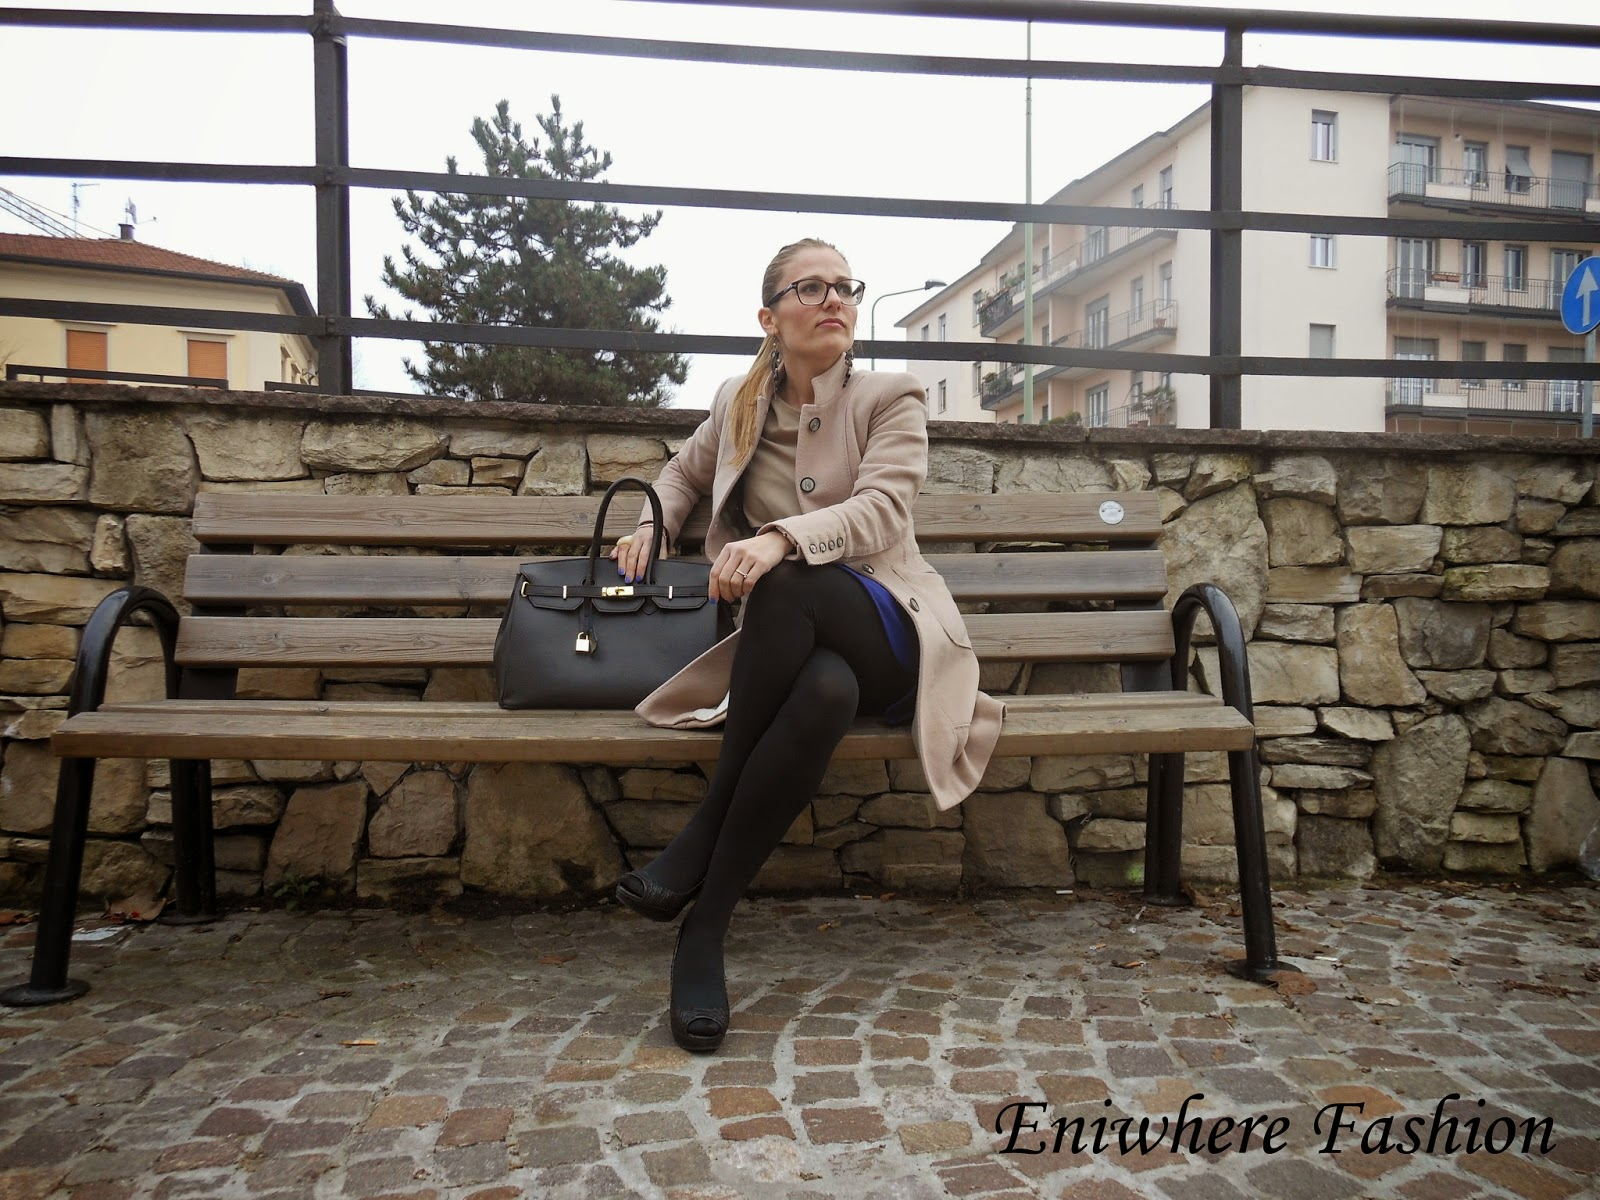 Eniwhere Fashion cappotto beige vestito blu-beige-nero